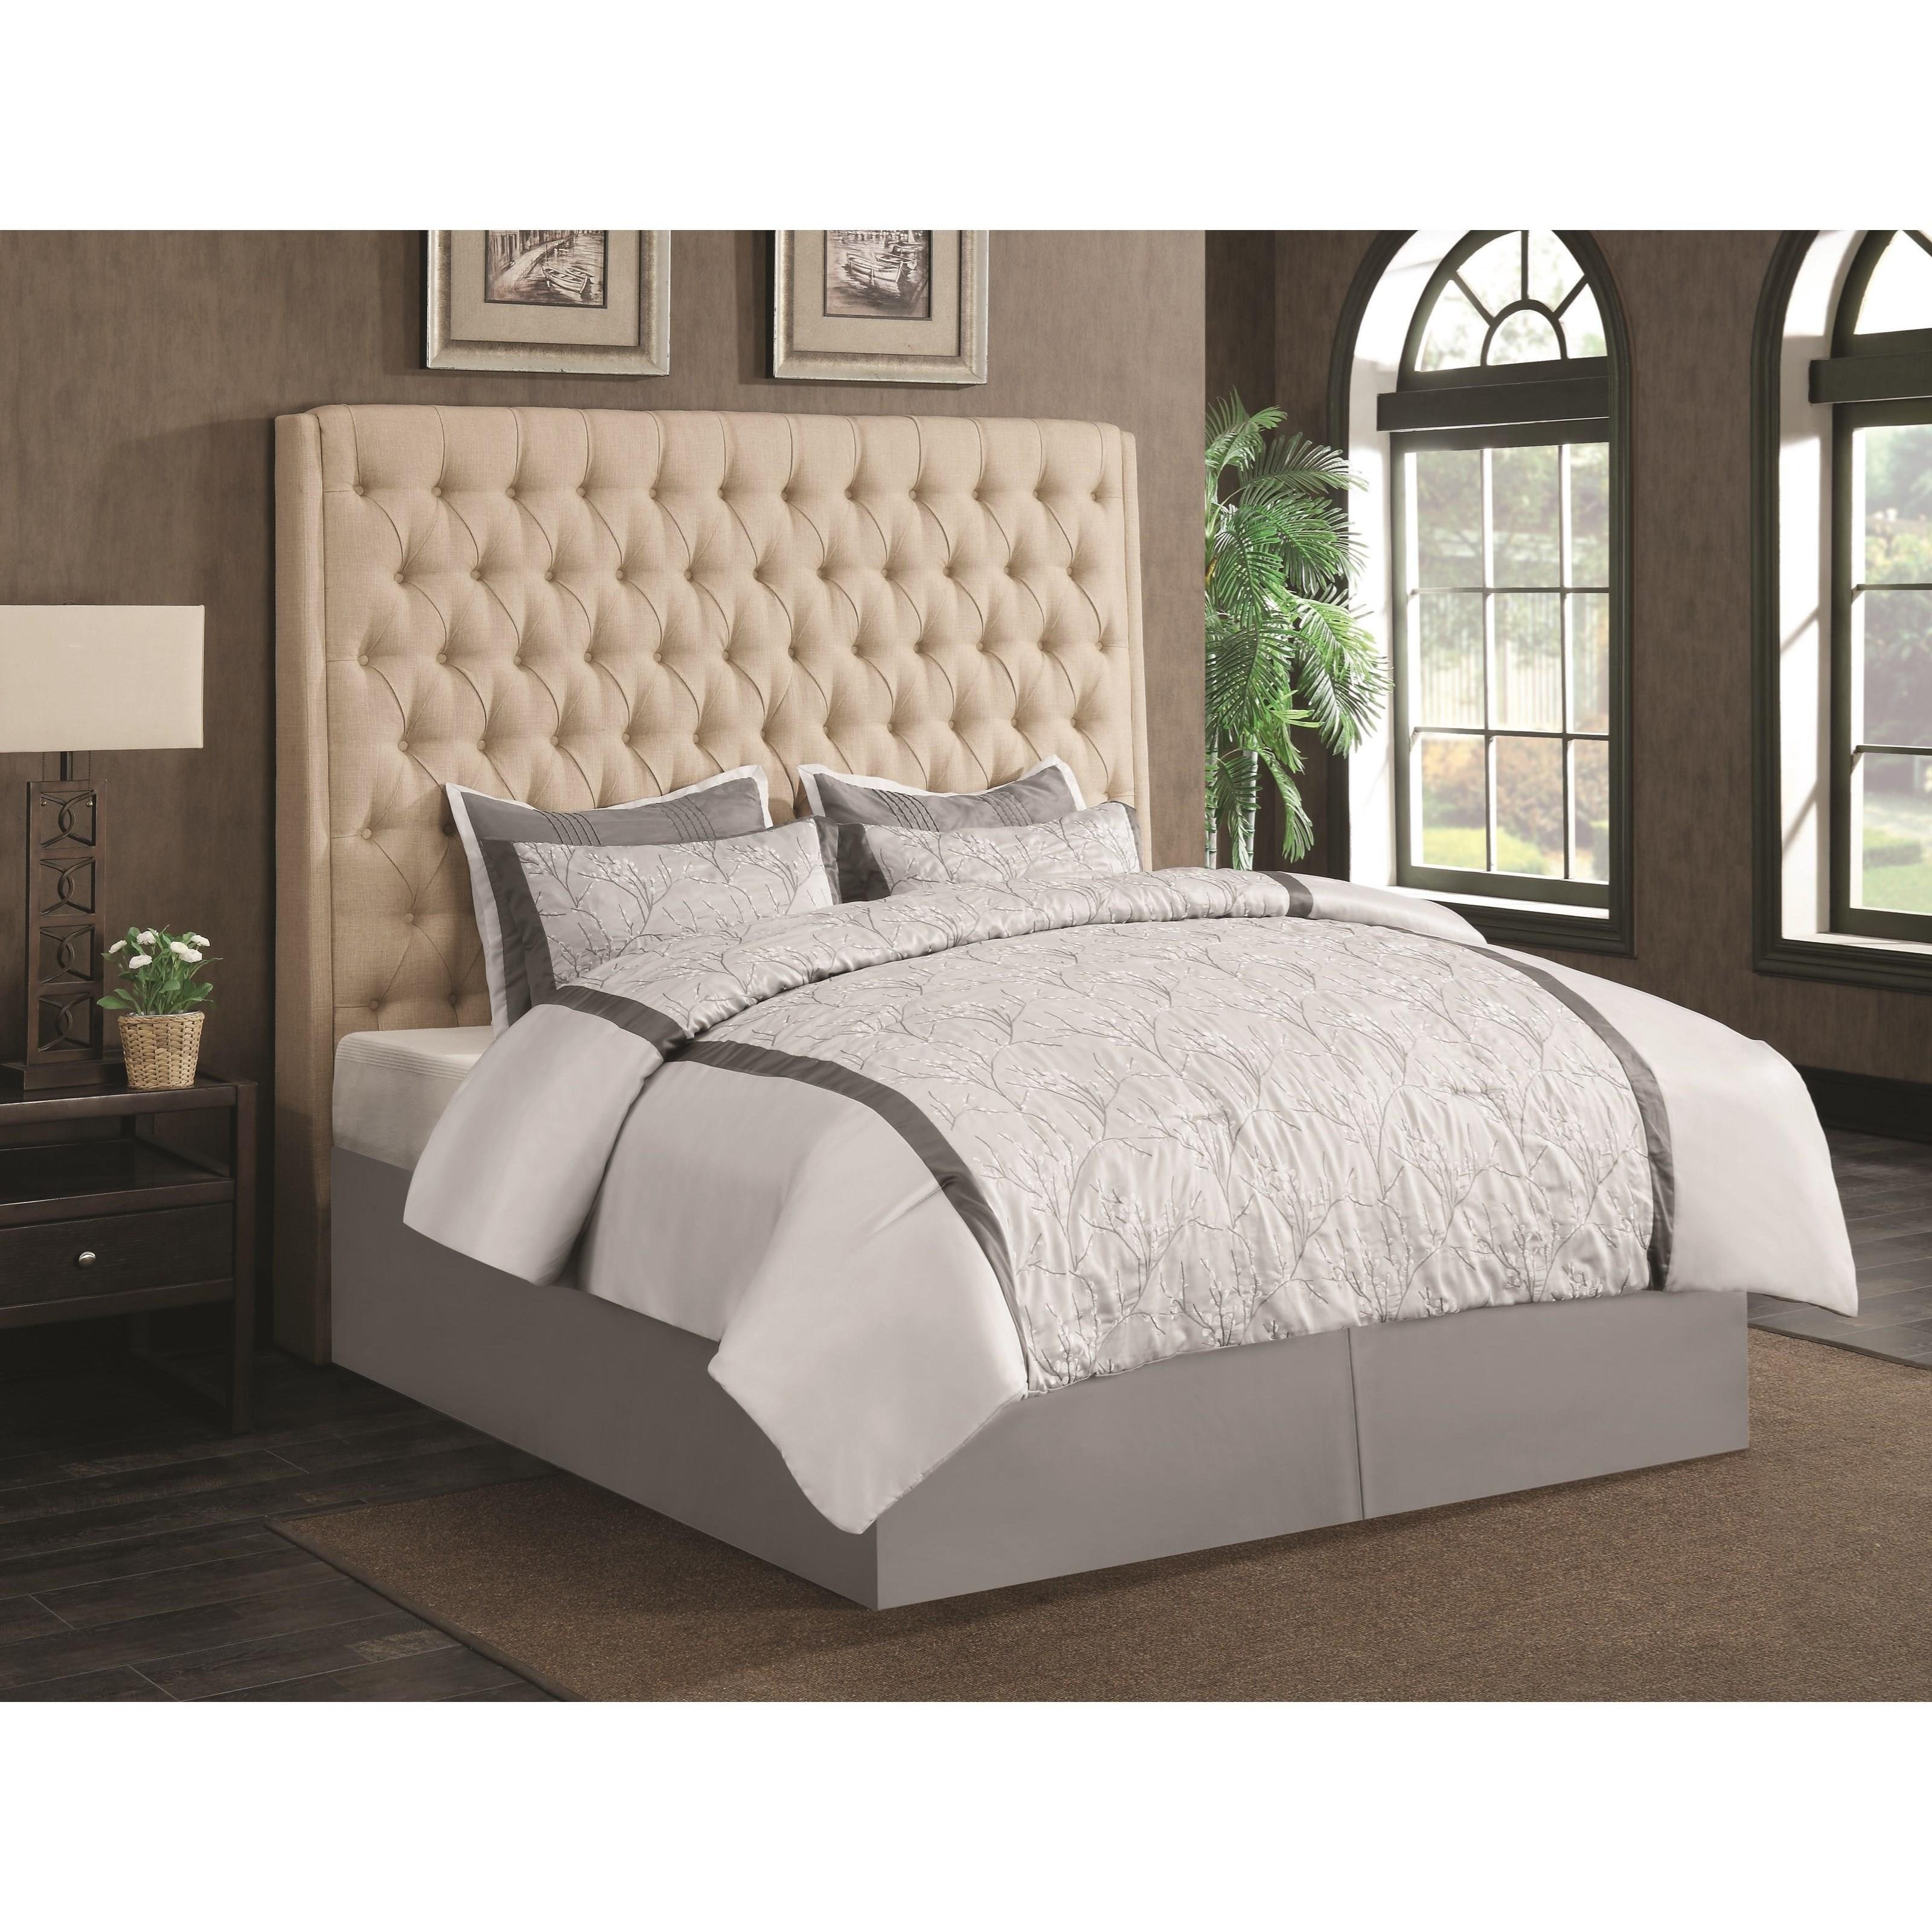 Coaster Upholstered Beds King Headboard - Item Number: 300722KEB1